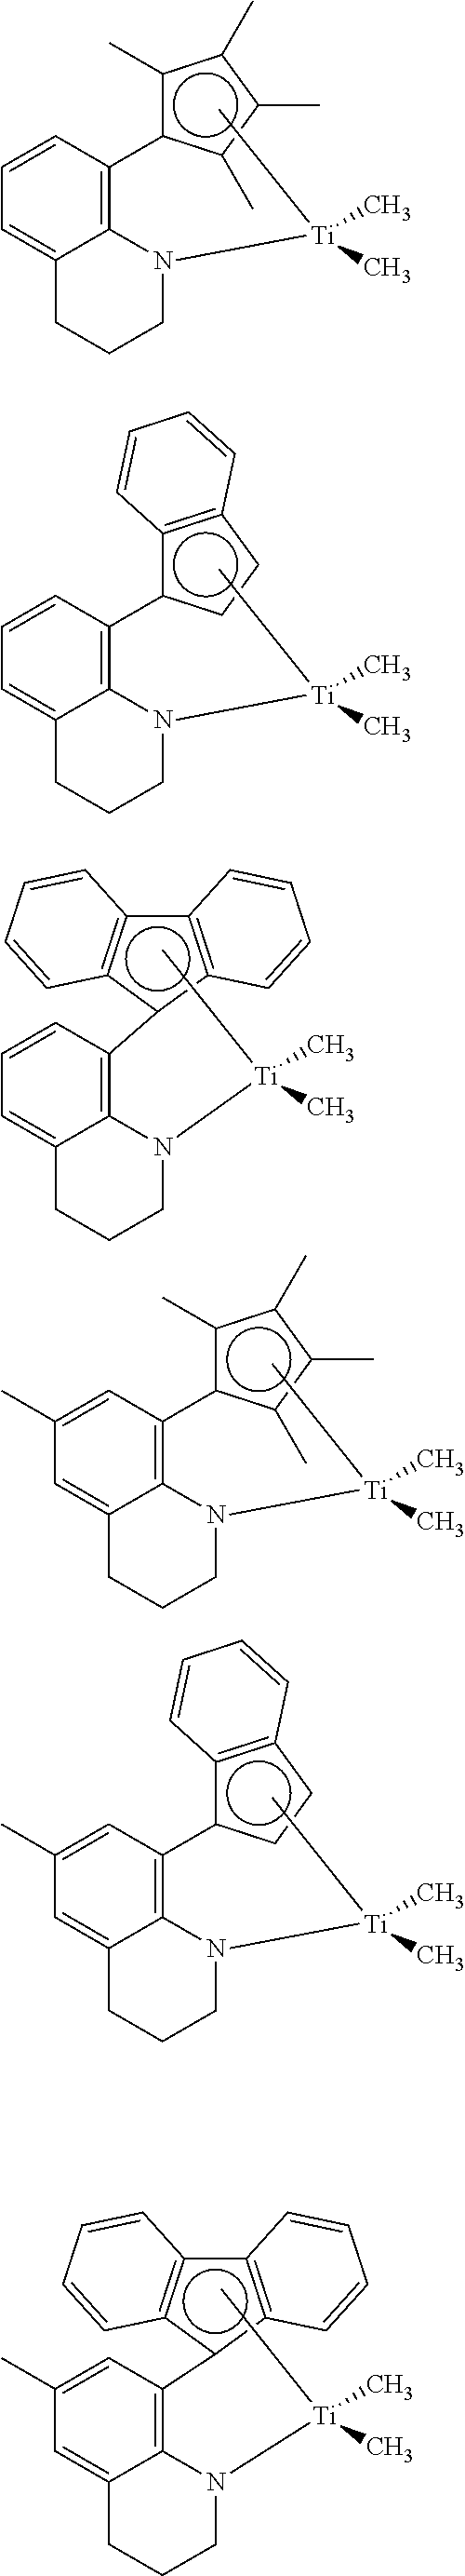 Figure US20110177935A1-20110721-C00038